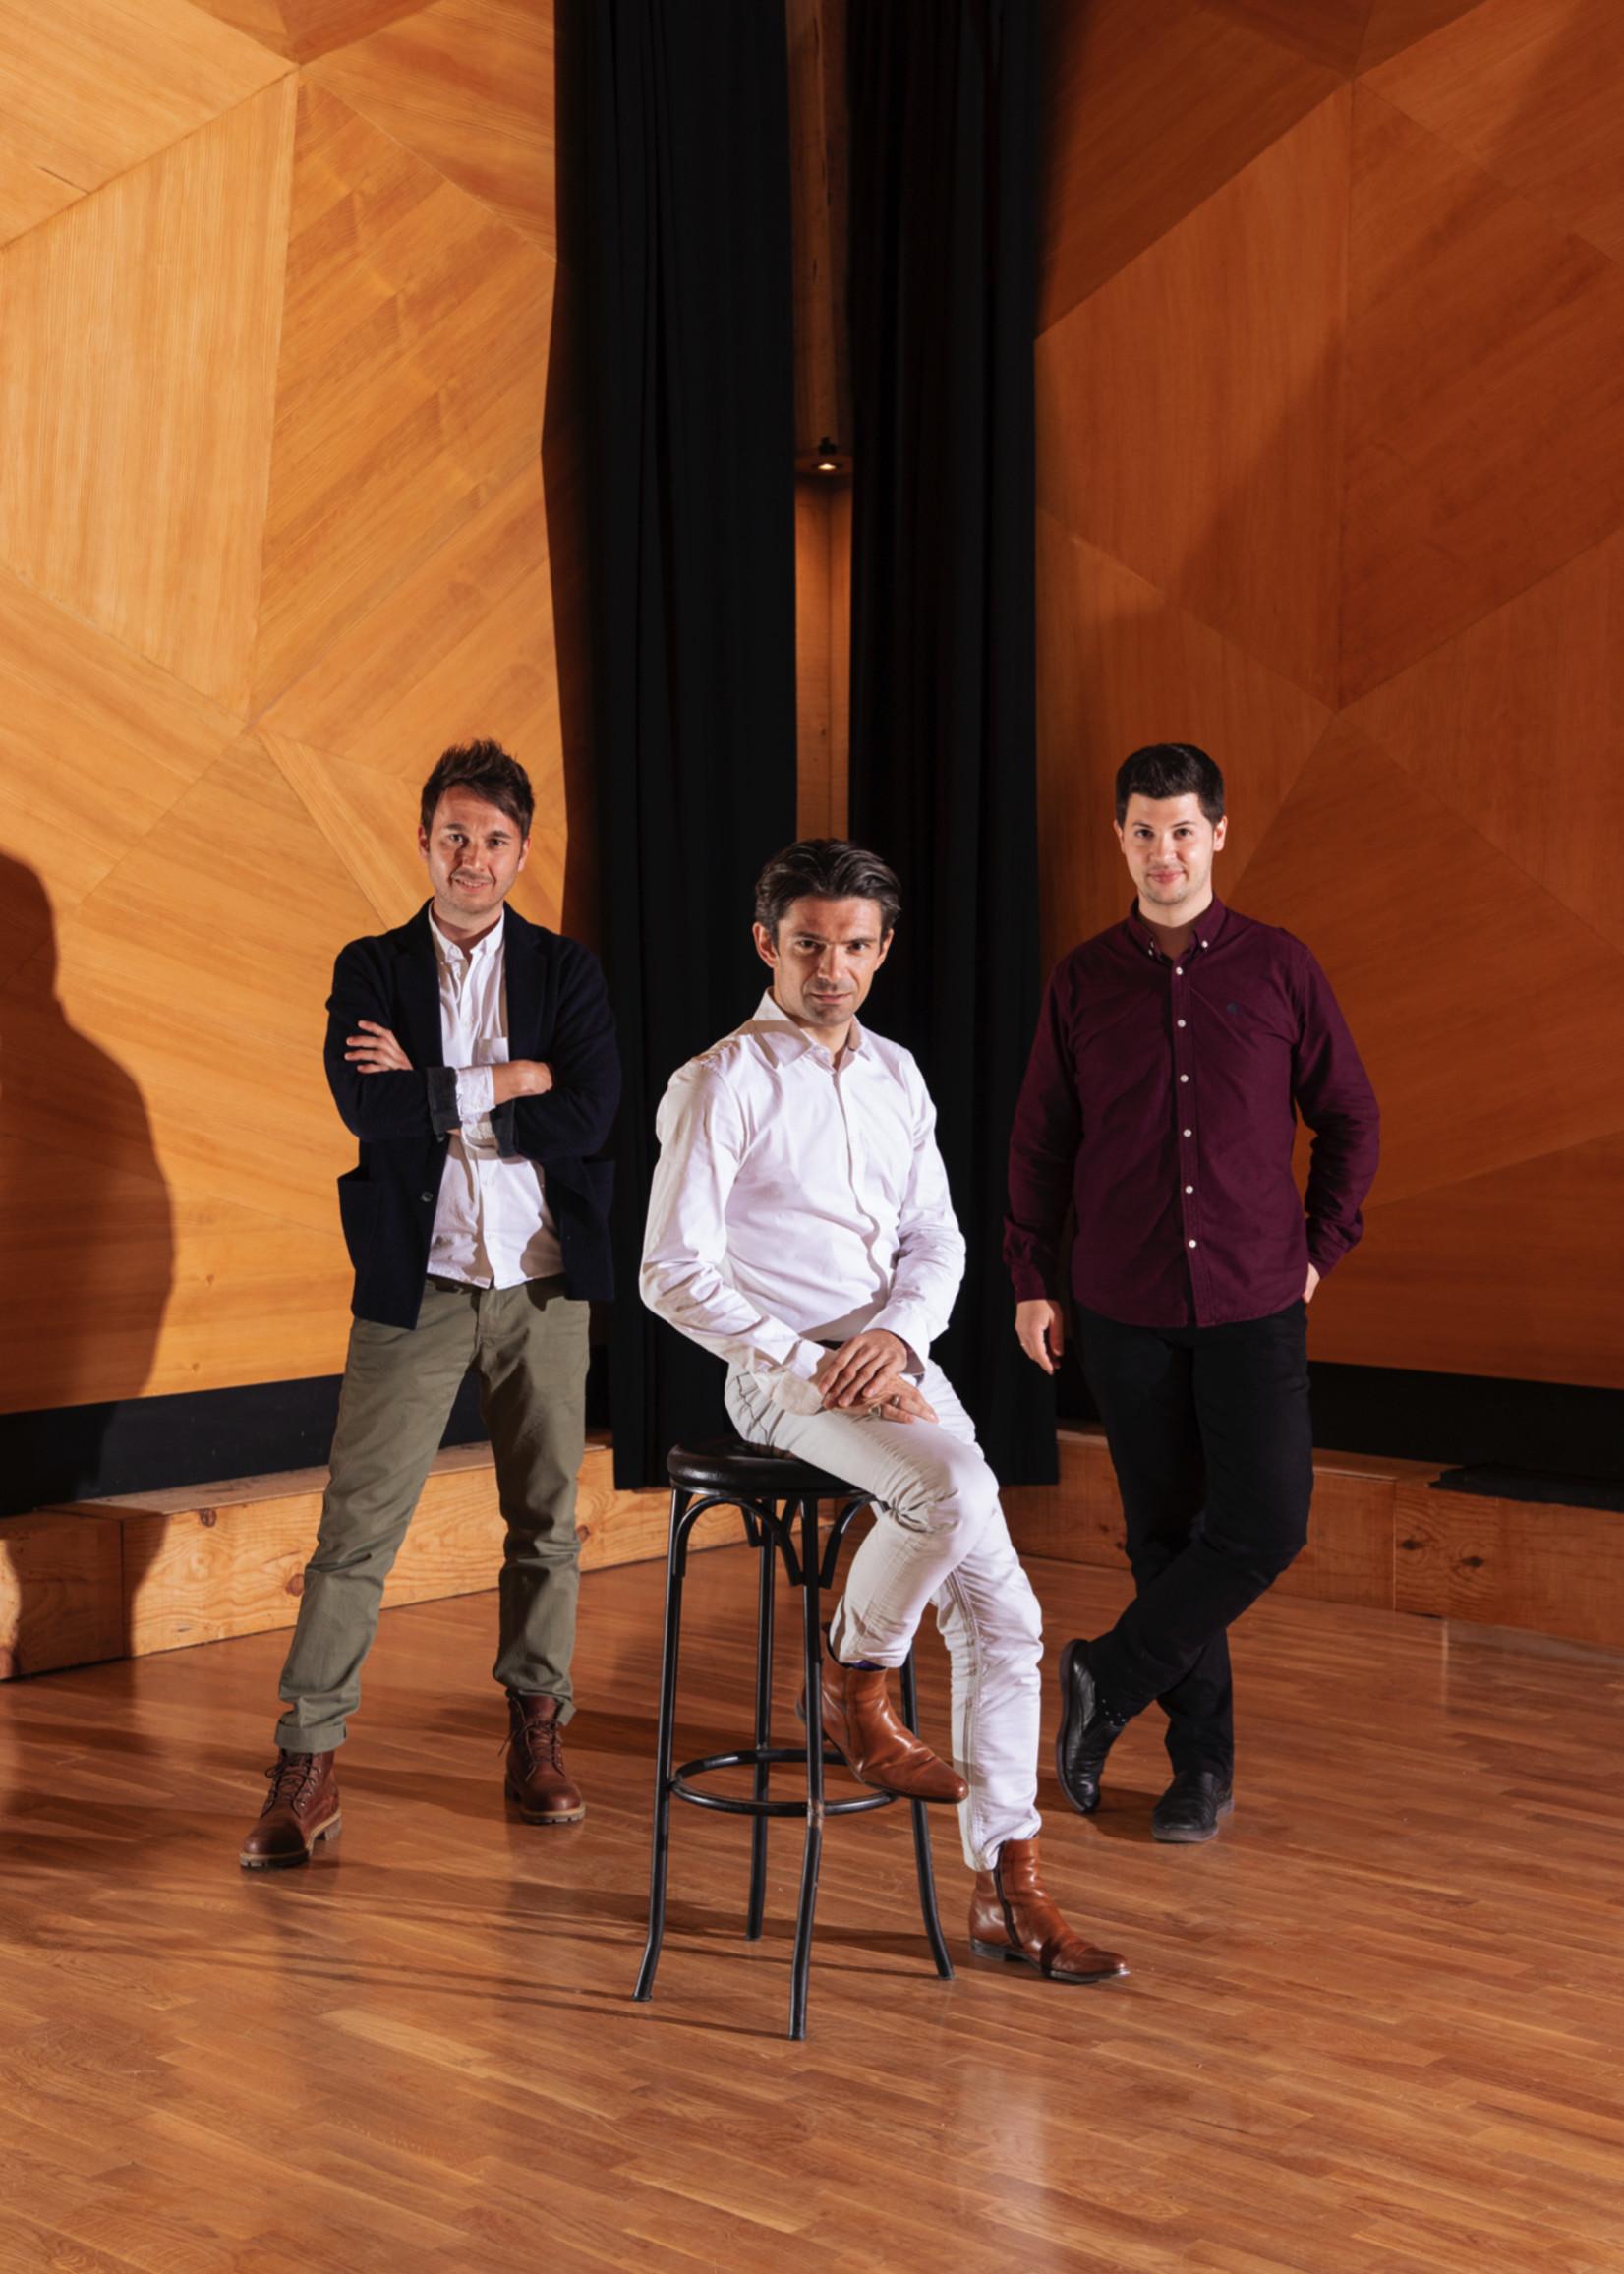 L'Orchestre Parfum L'Orchestre Parfum - Ambre Cello - Eau de Parfum